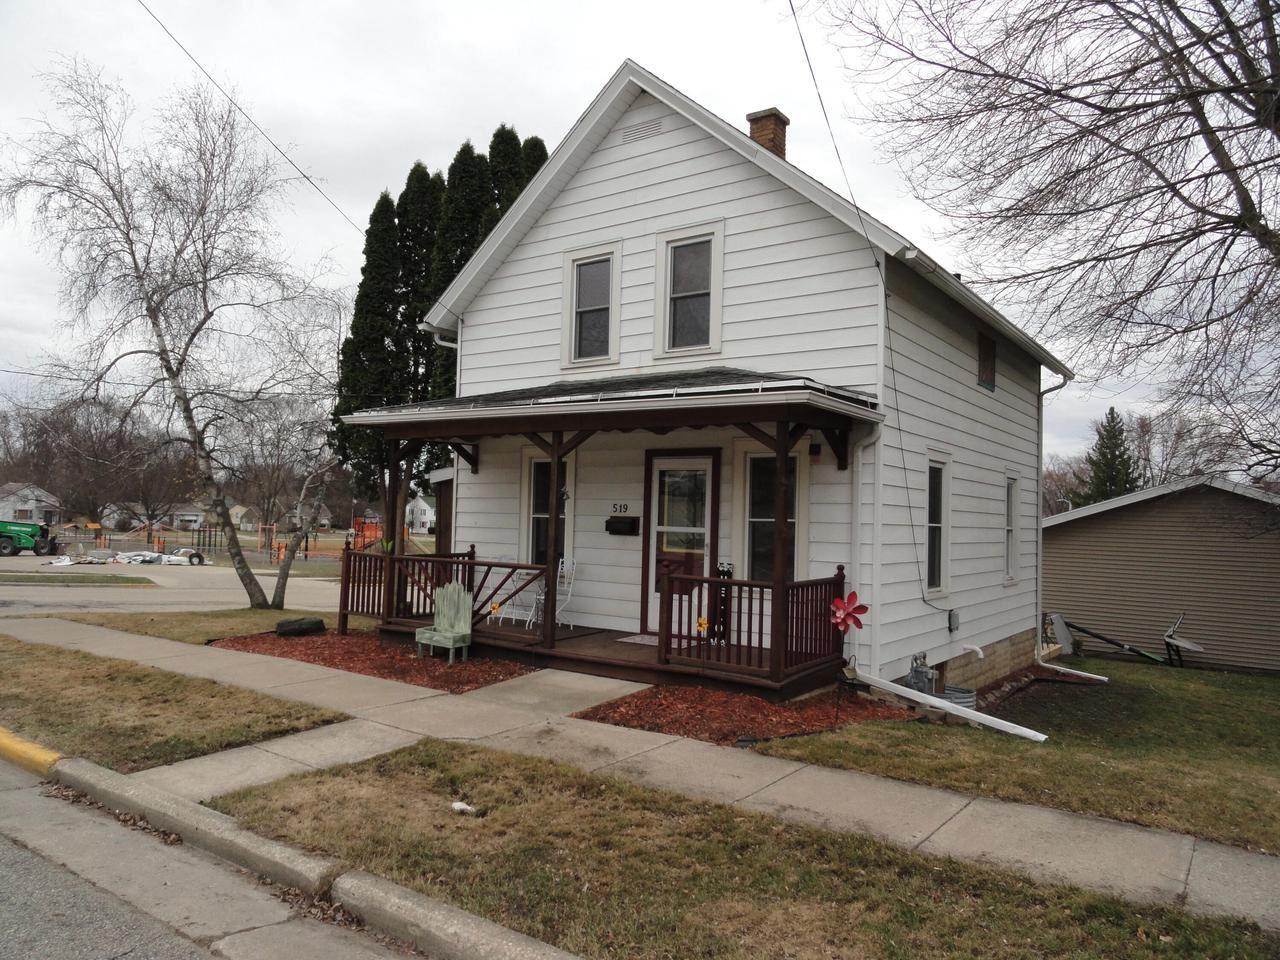 519 Preston St, Horicon, WI 53032 - MLS#: 1732146